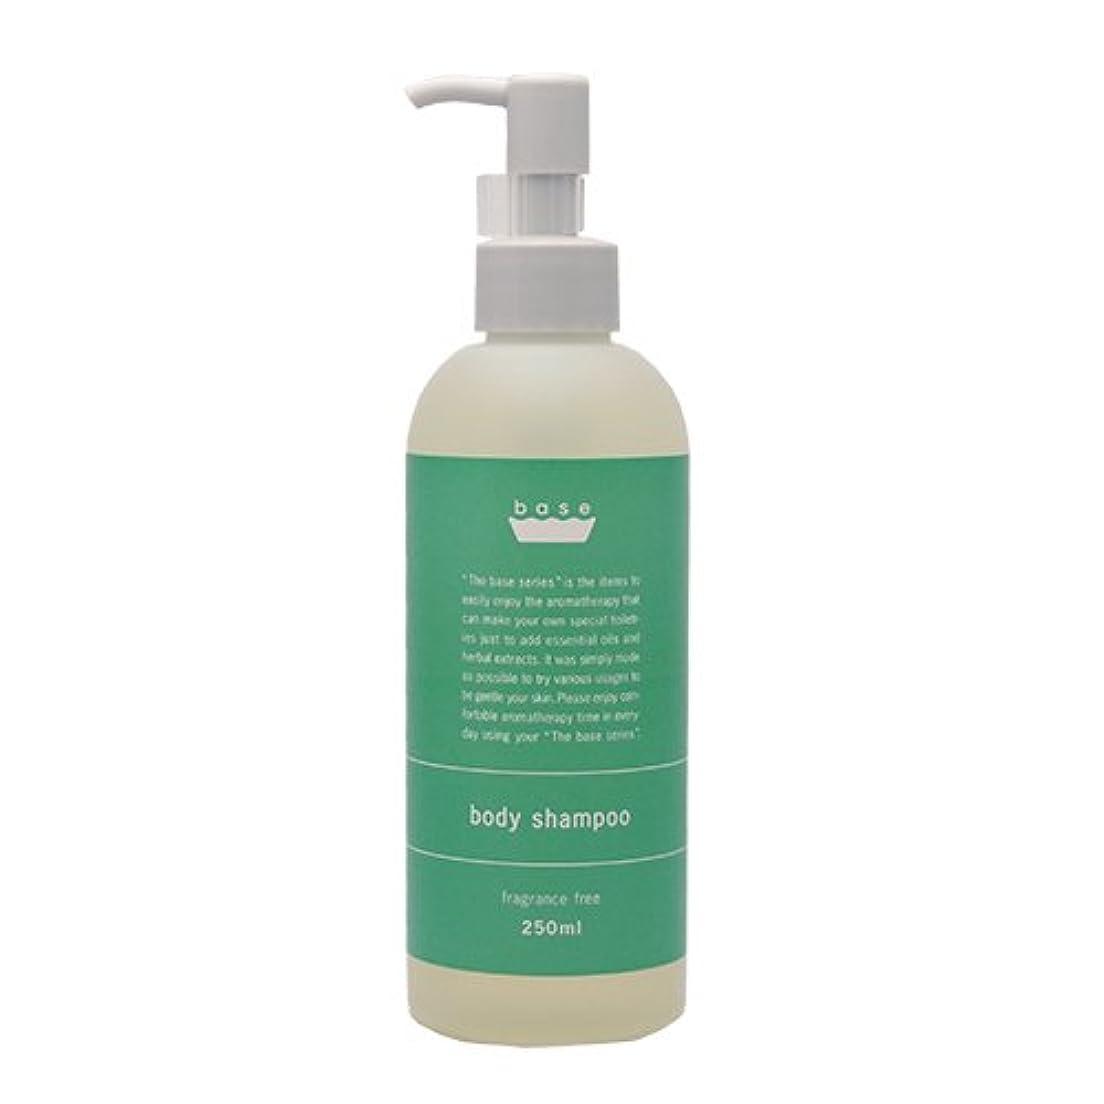 フレーバーライフ base body shampoo(ボディーシャンプー)250ml